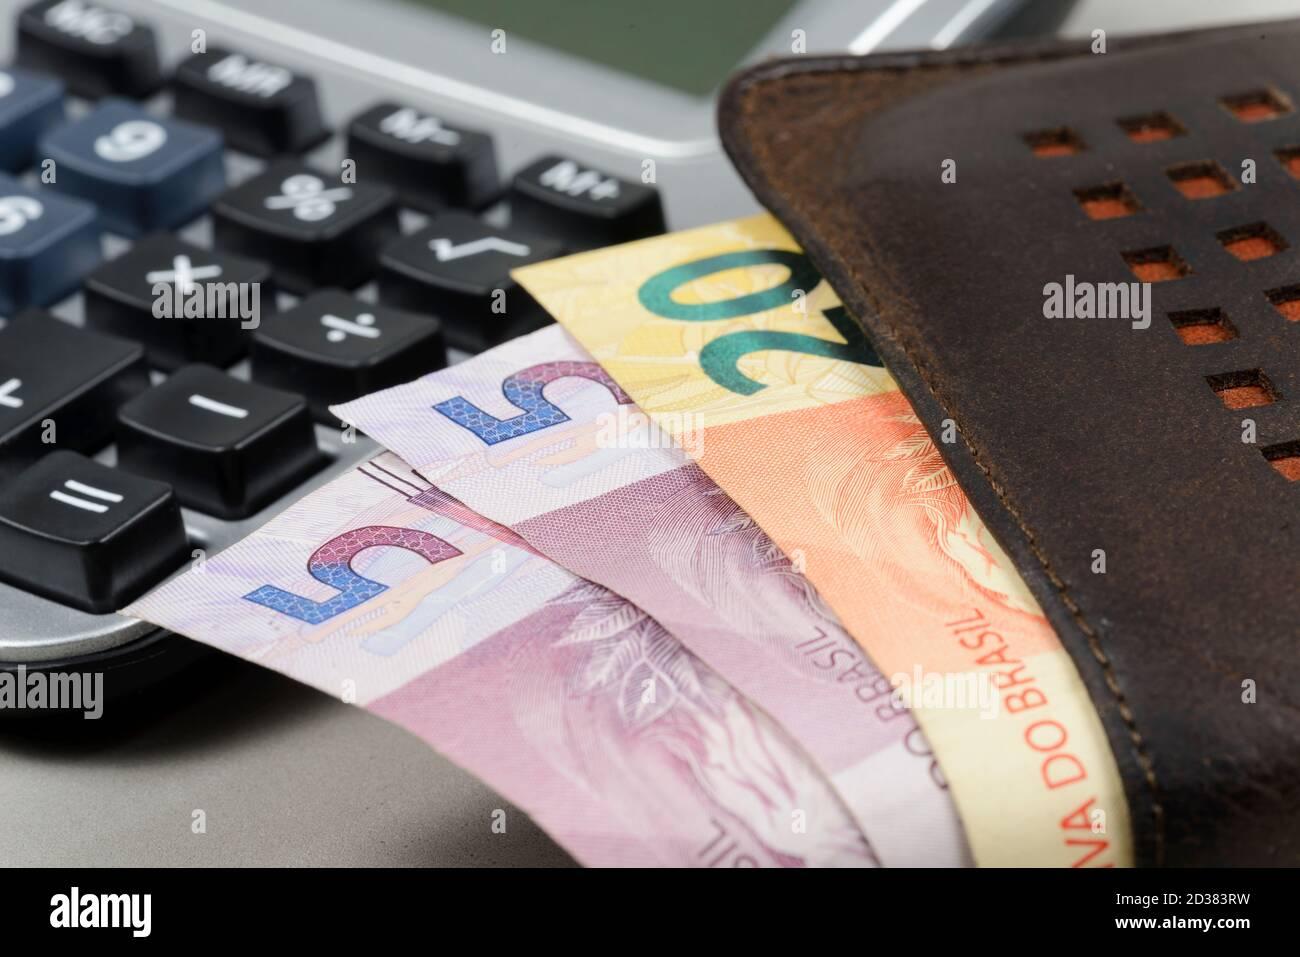 denaro che esce dal portafoglio con calcolatore tascabile sfocato in background. Foto Stock